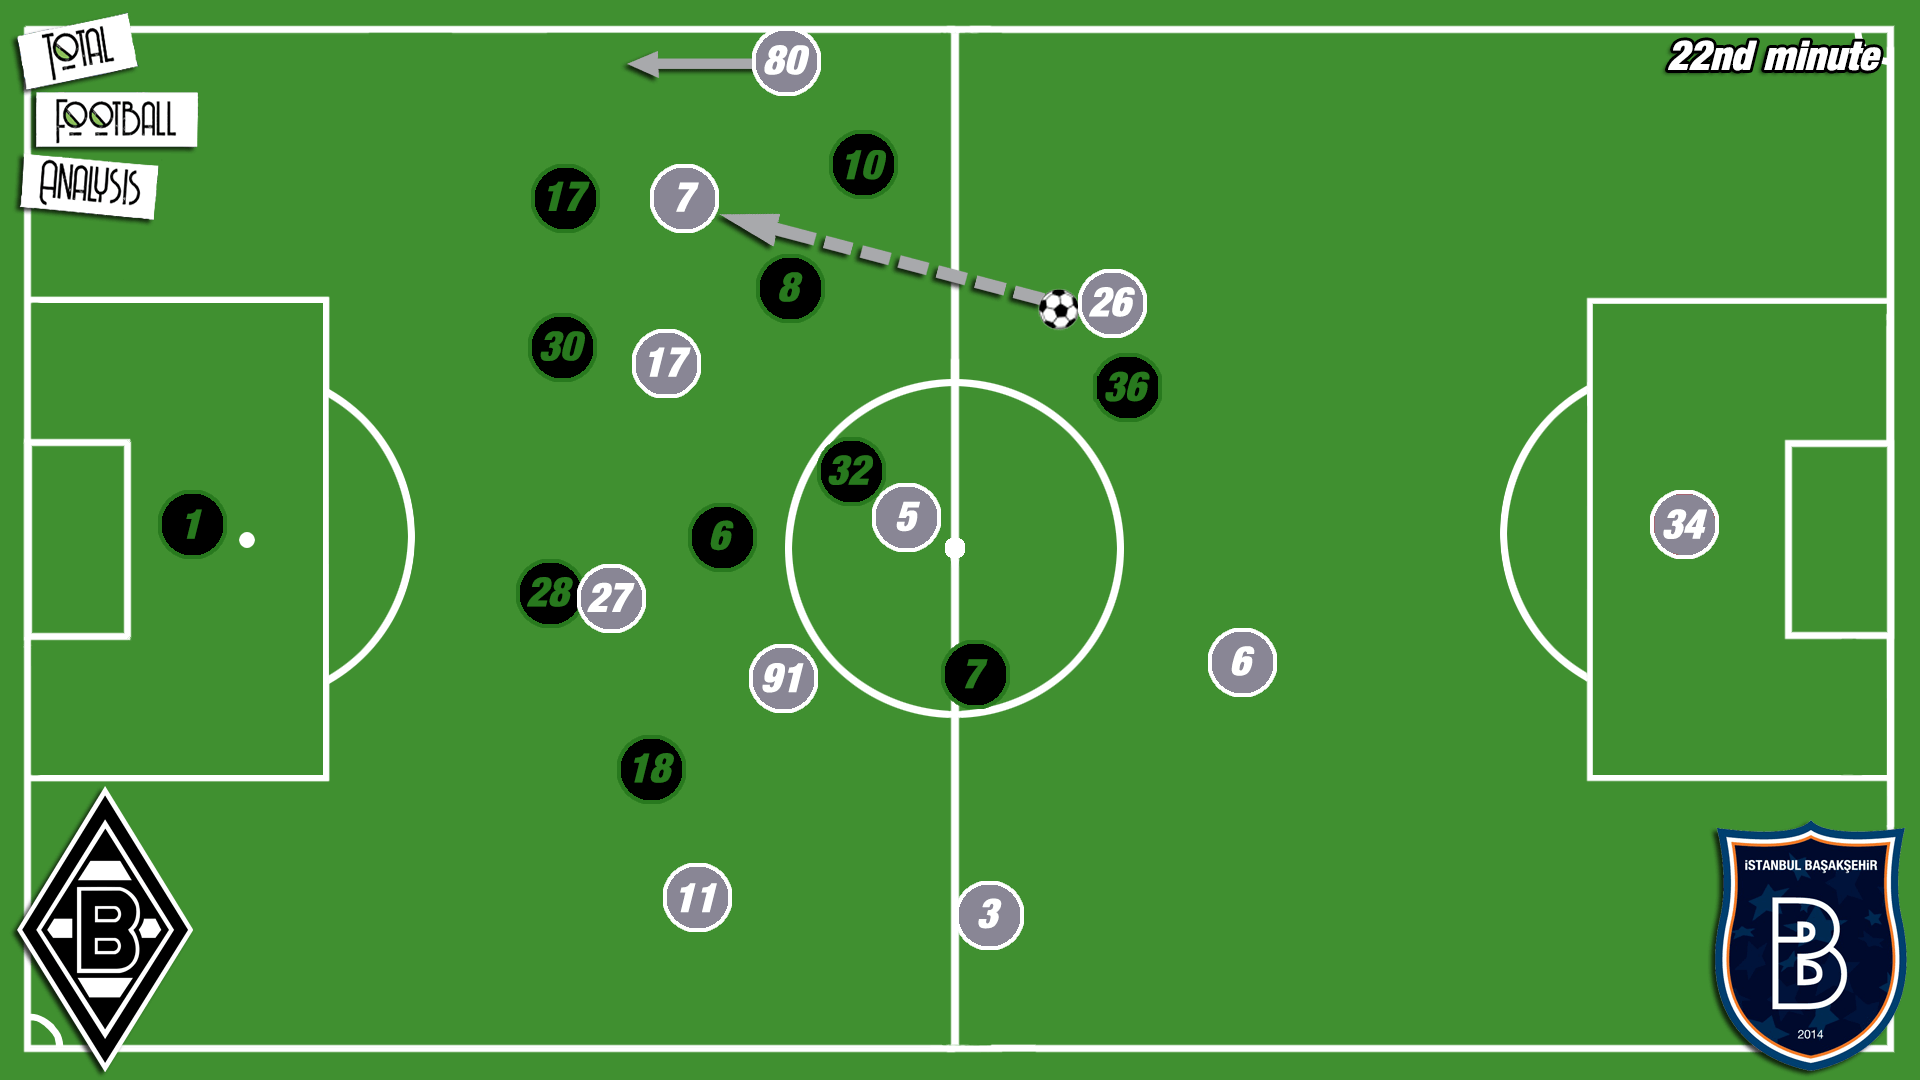 Europa League 2019/20: Gladbach vs Basaksehir - tactical analysis tactics